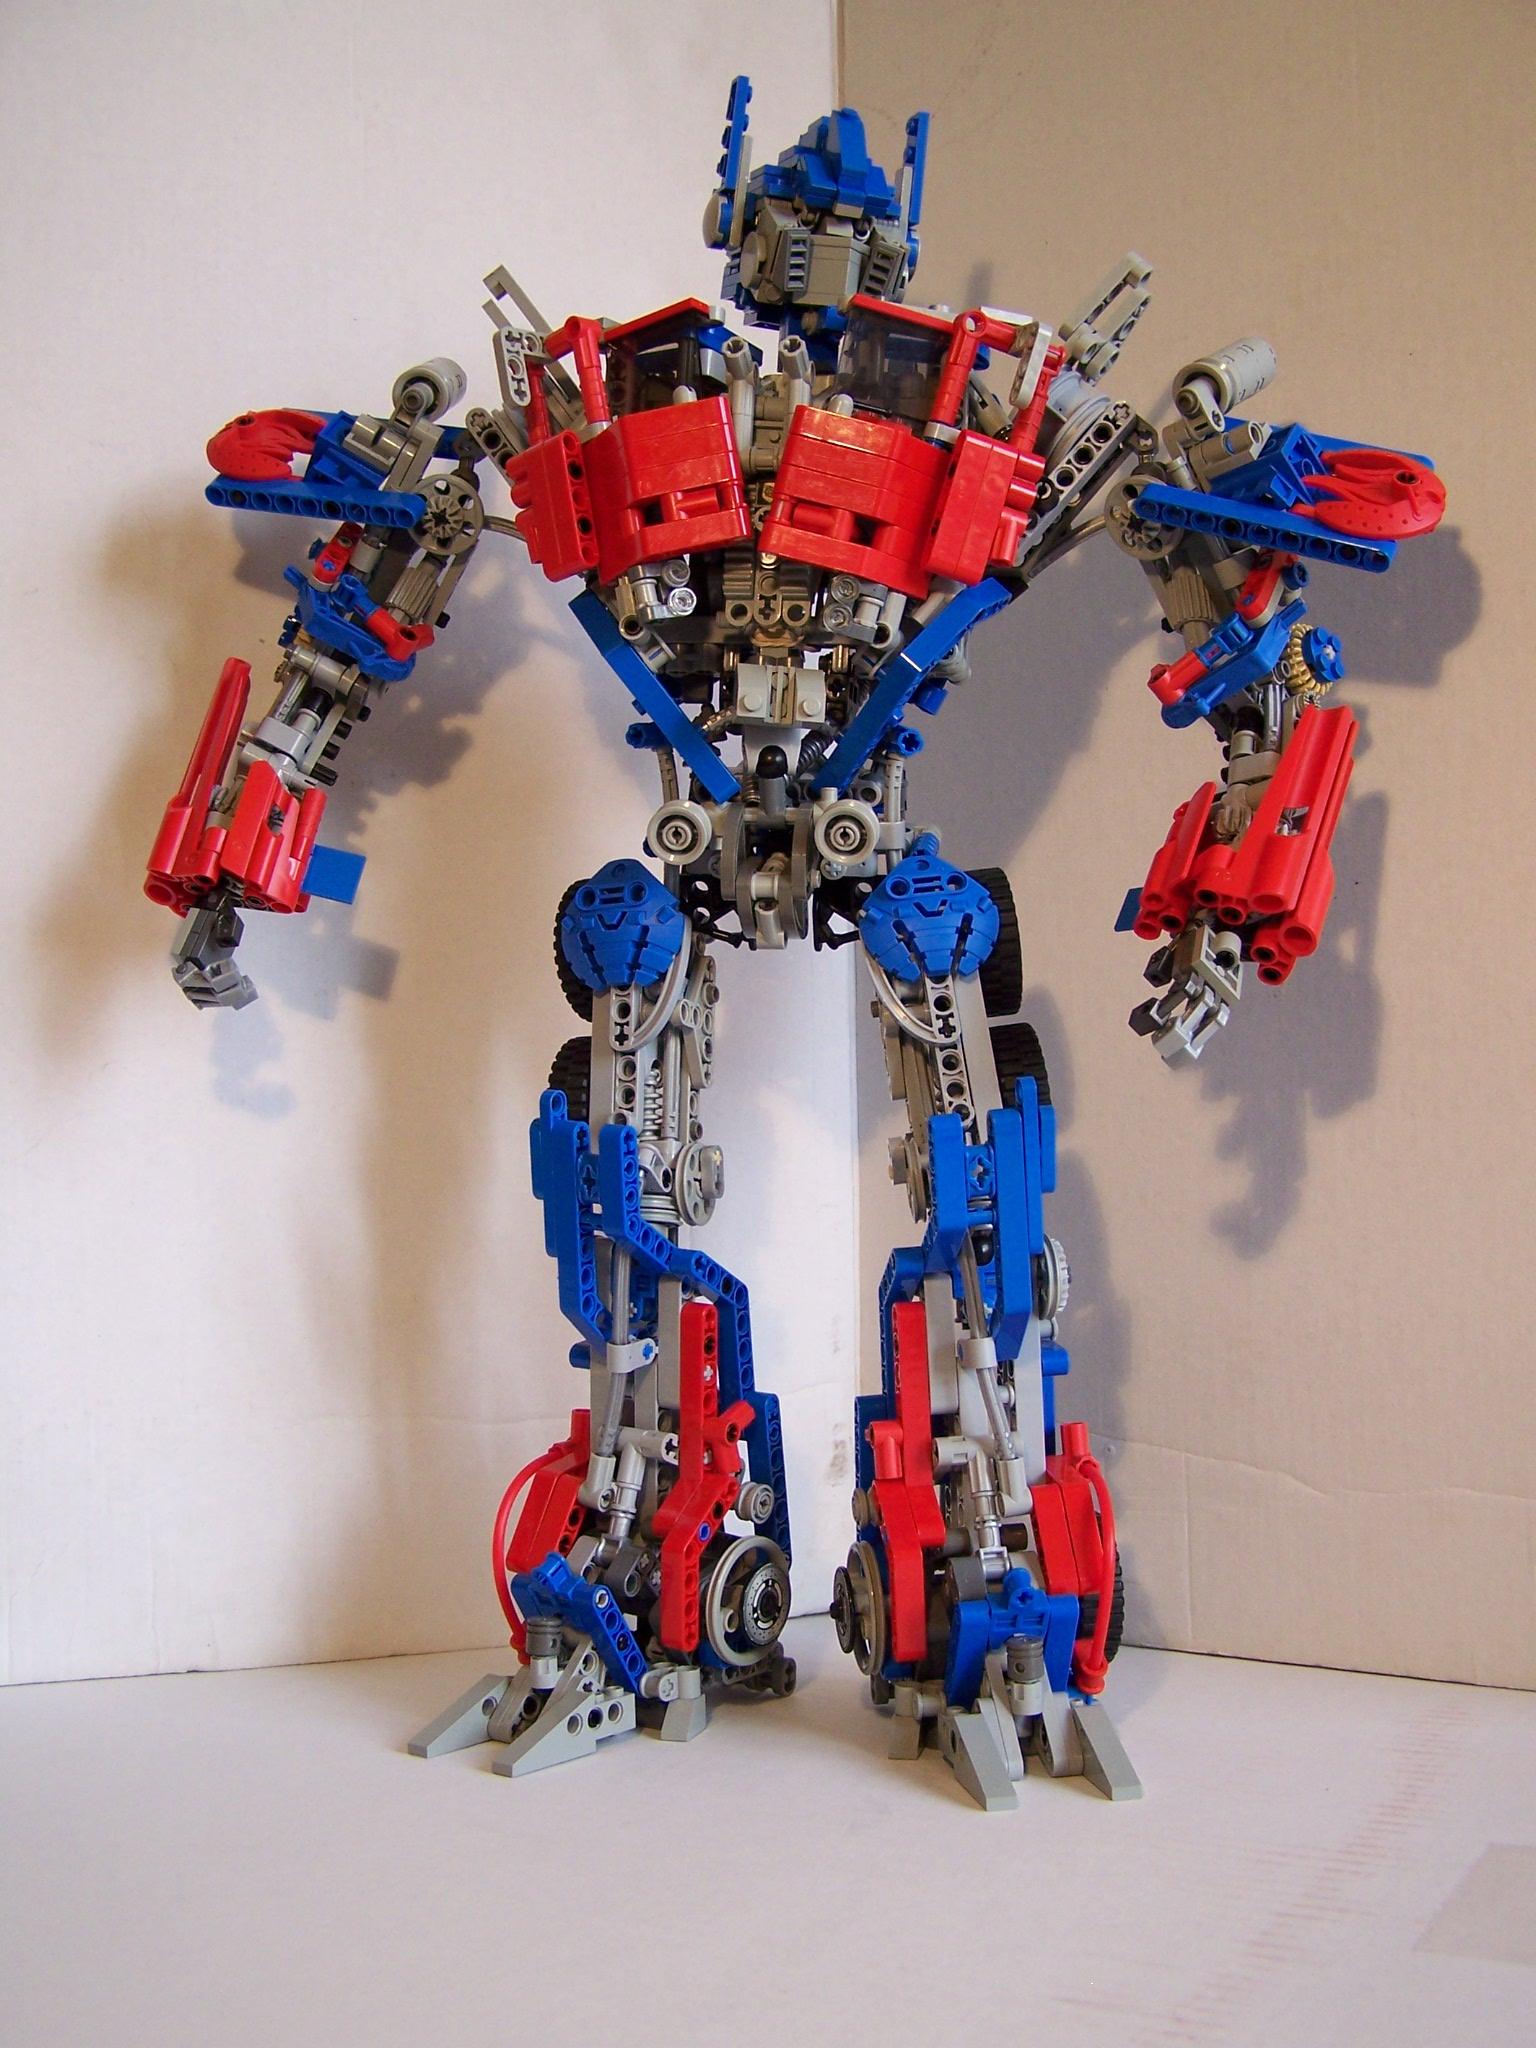 Гоночная машина - автобот » Робот из lego nxt 2.0 44